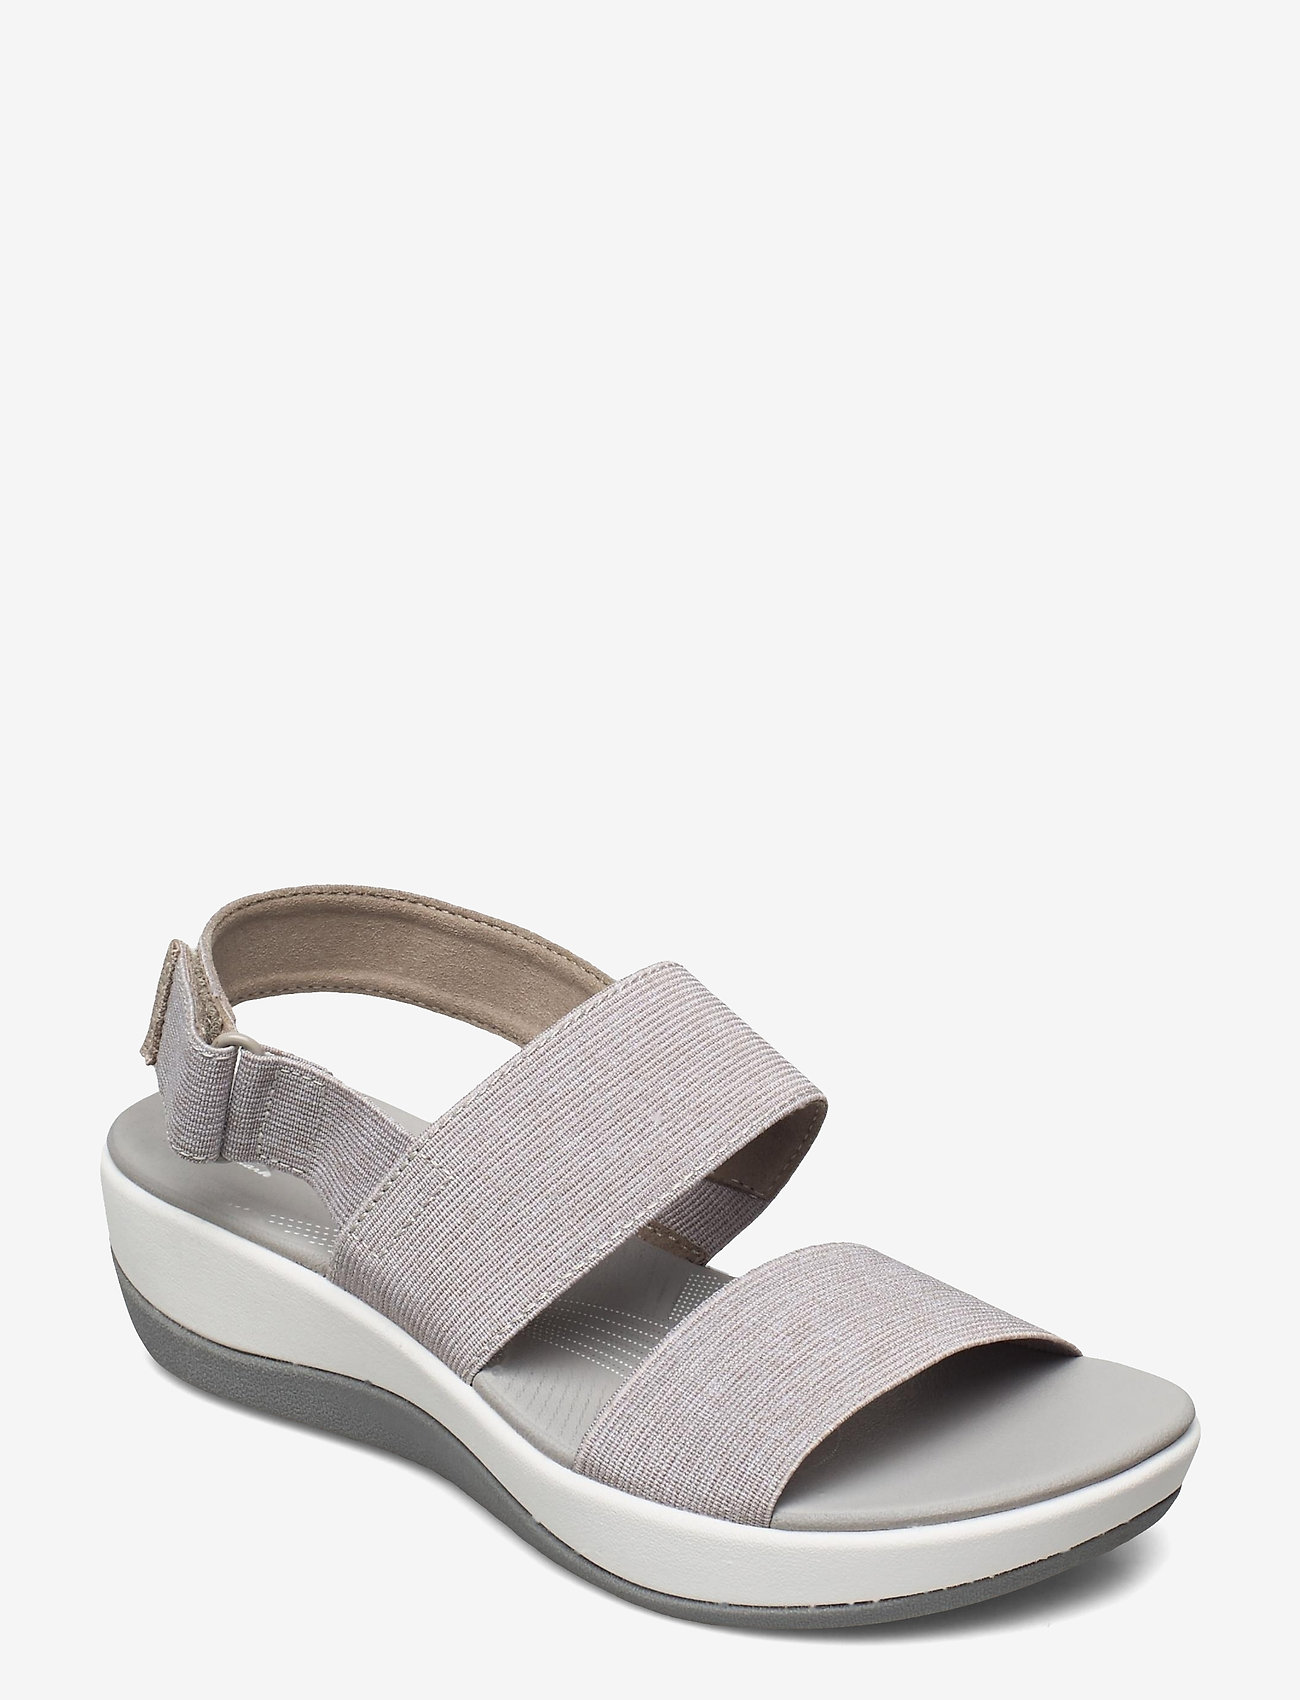 Clarks - Arla Jacory - platta sandaler - sand - 0